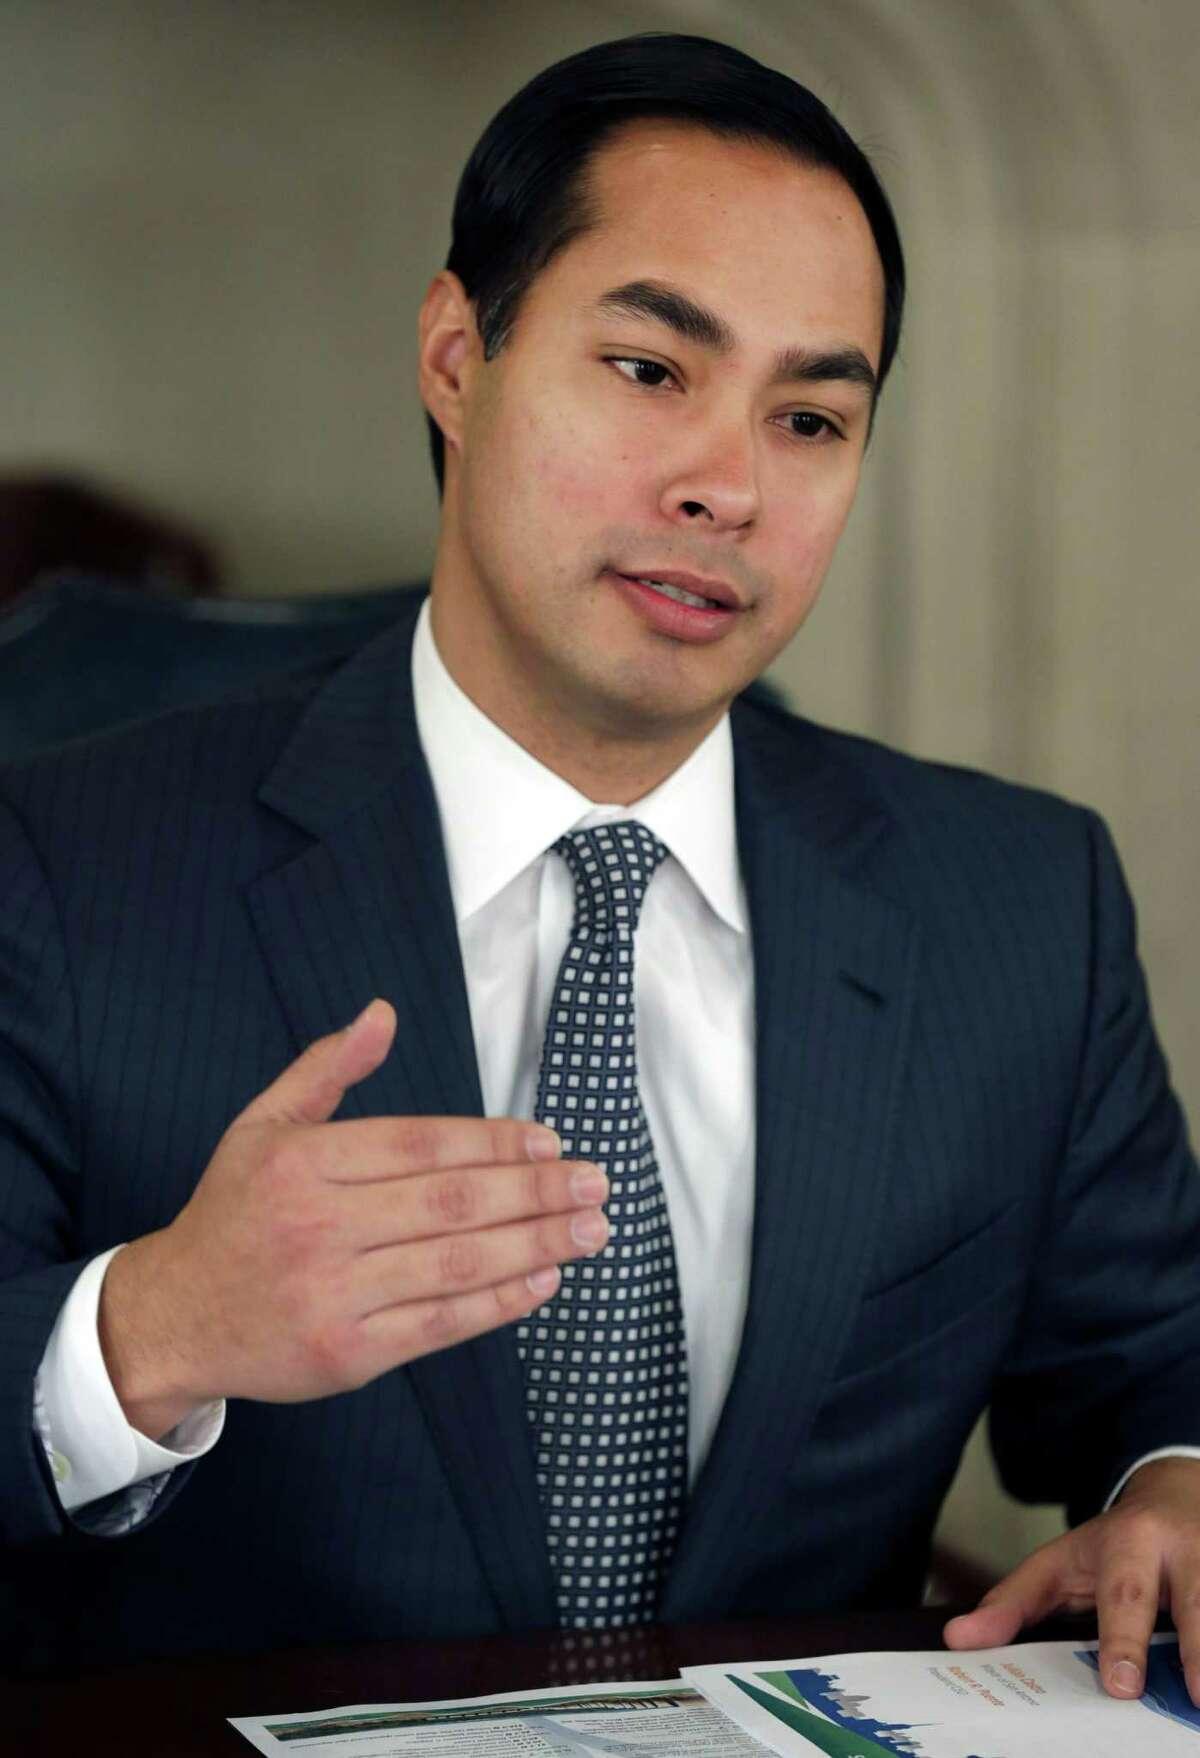 San Antonio Mayor Julián Castro would have the auditor conduct random checks.